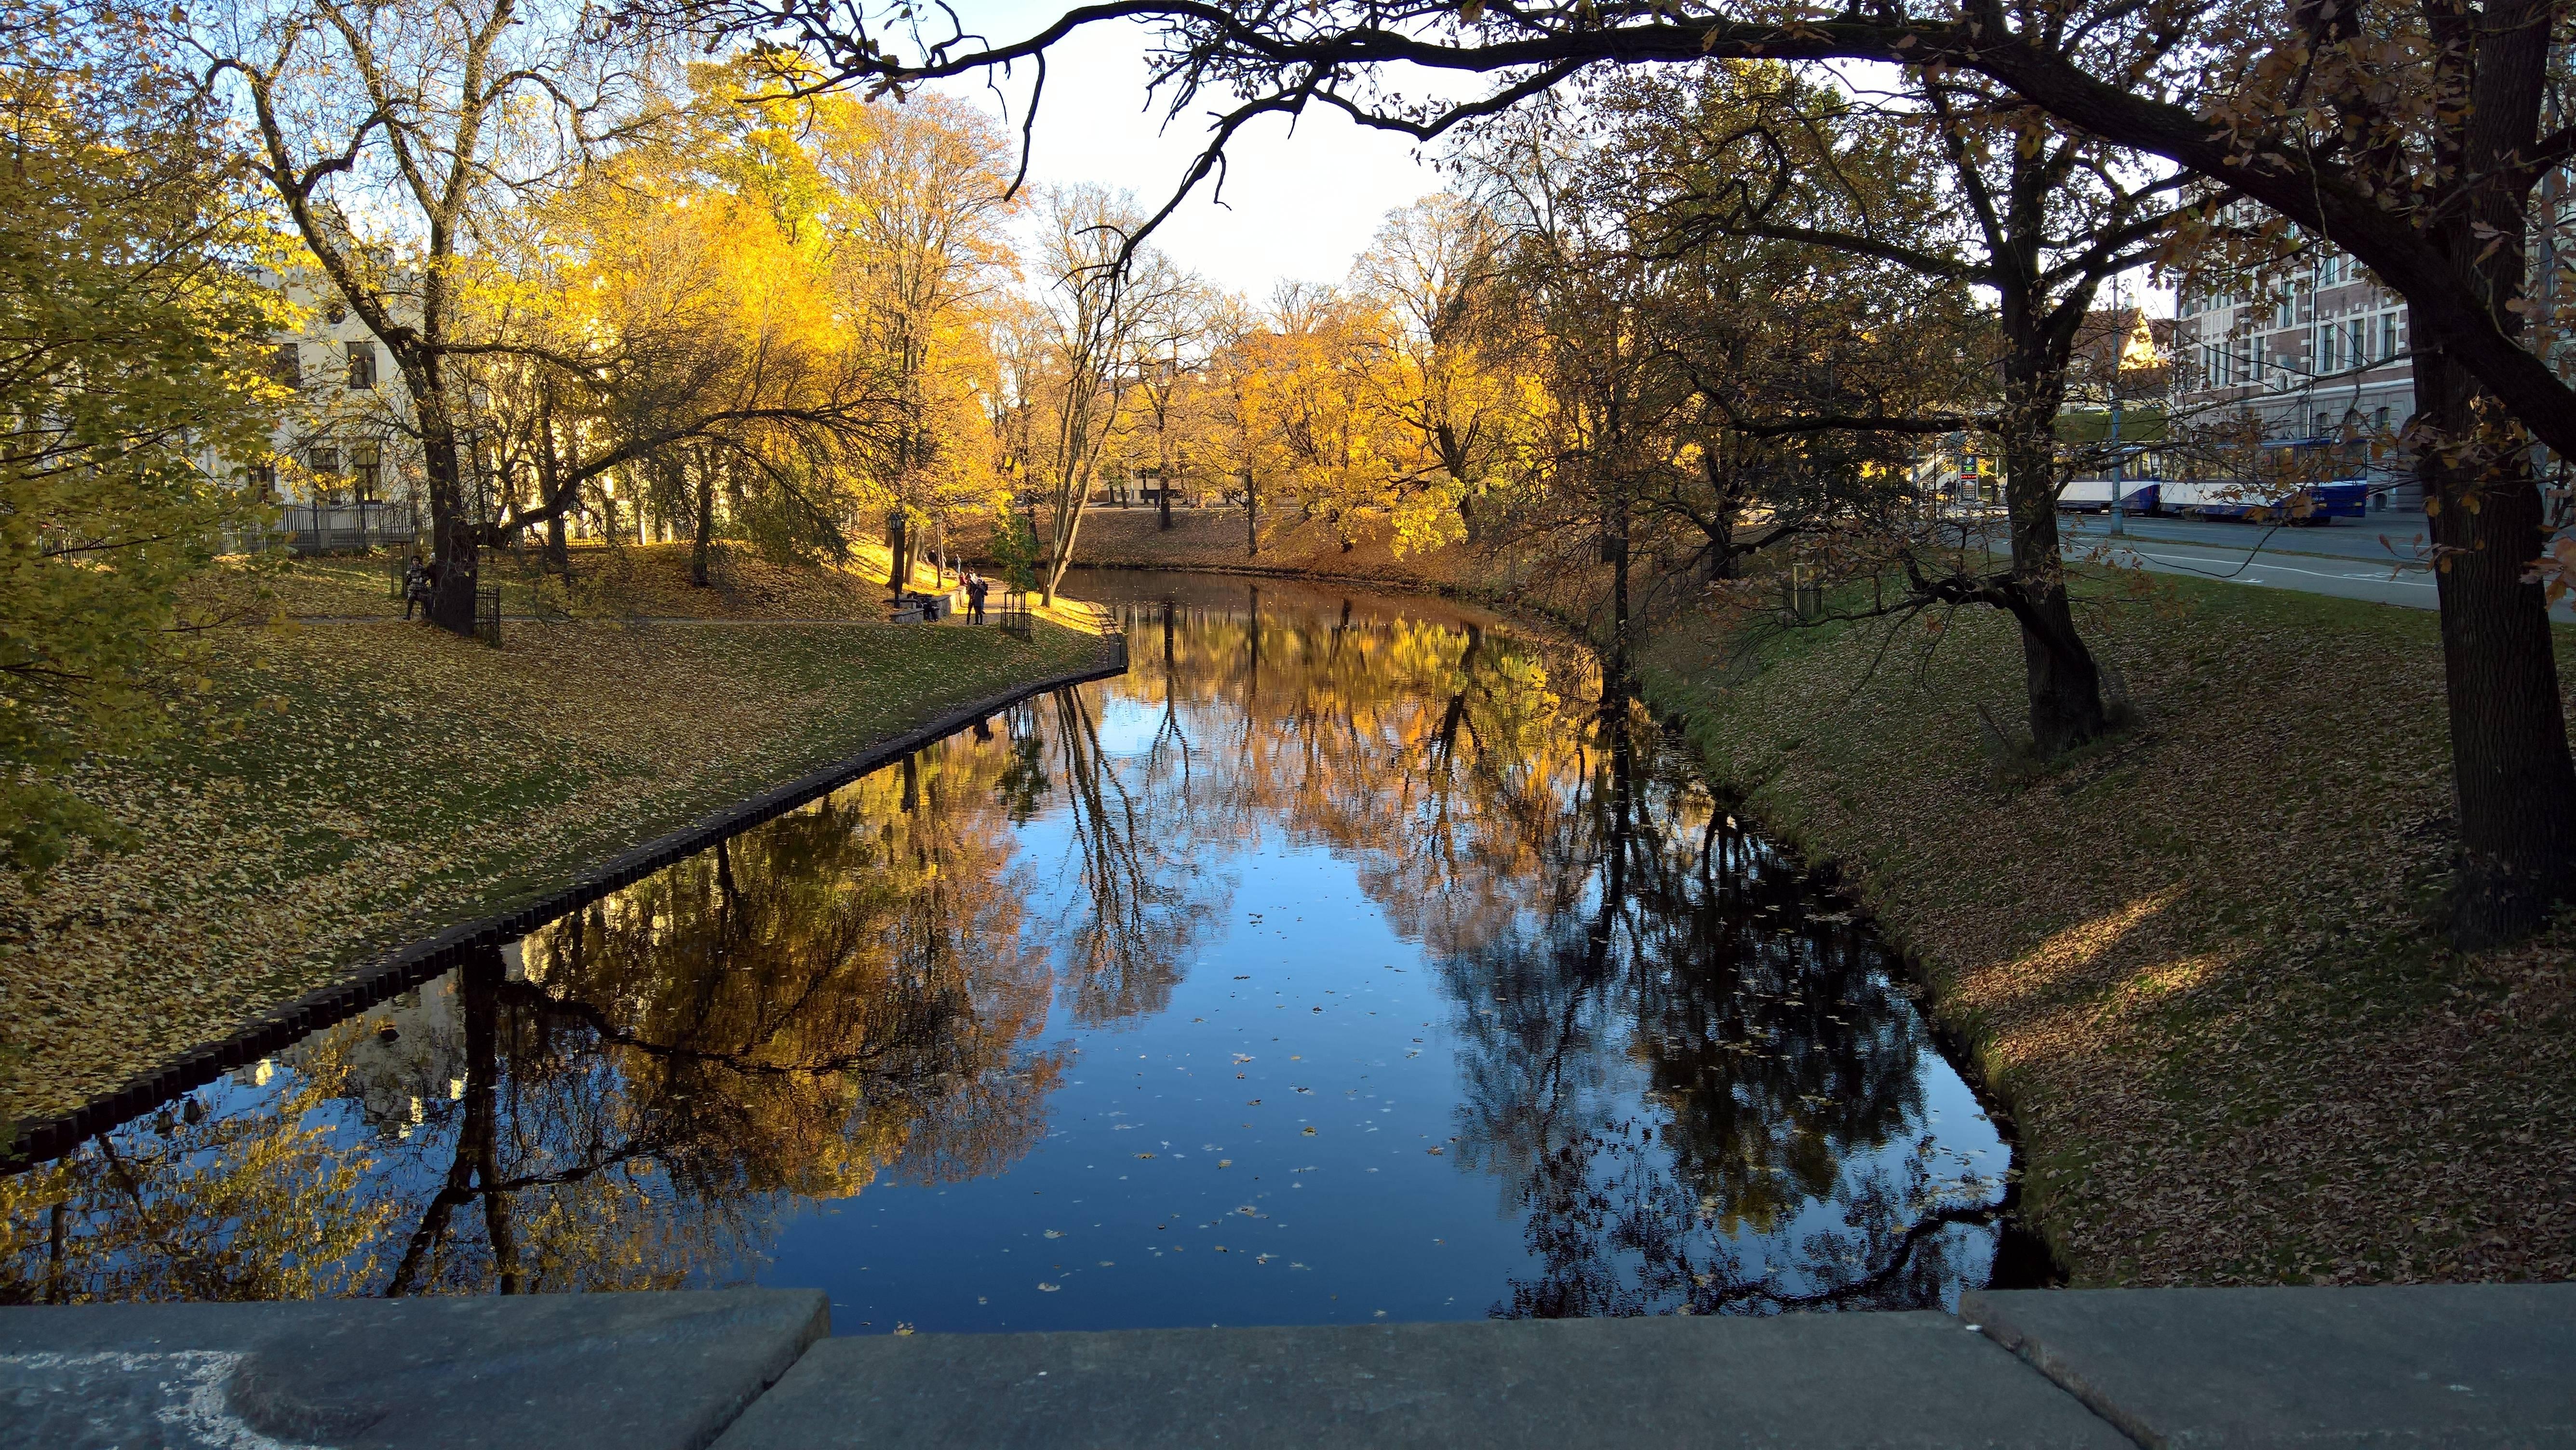 Photo 1: Riga et ses couleurs automnales